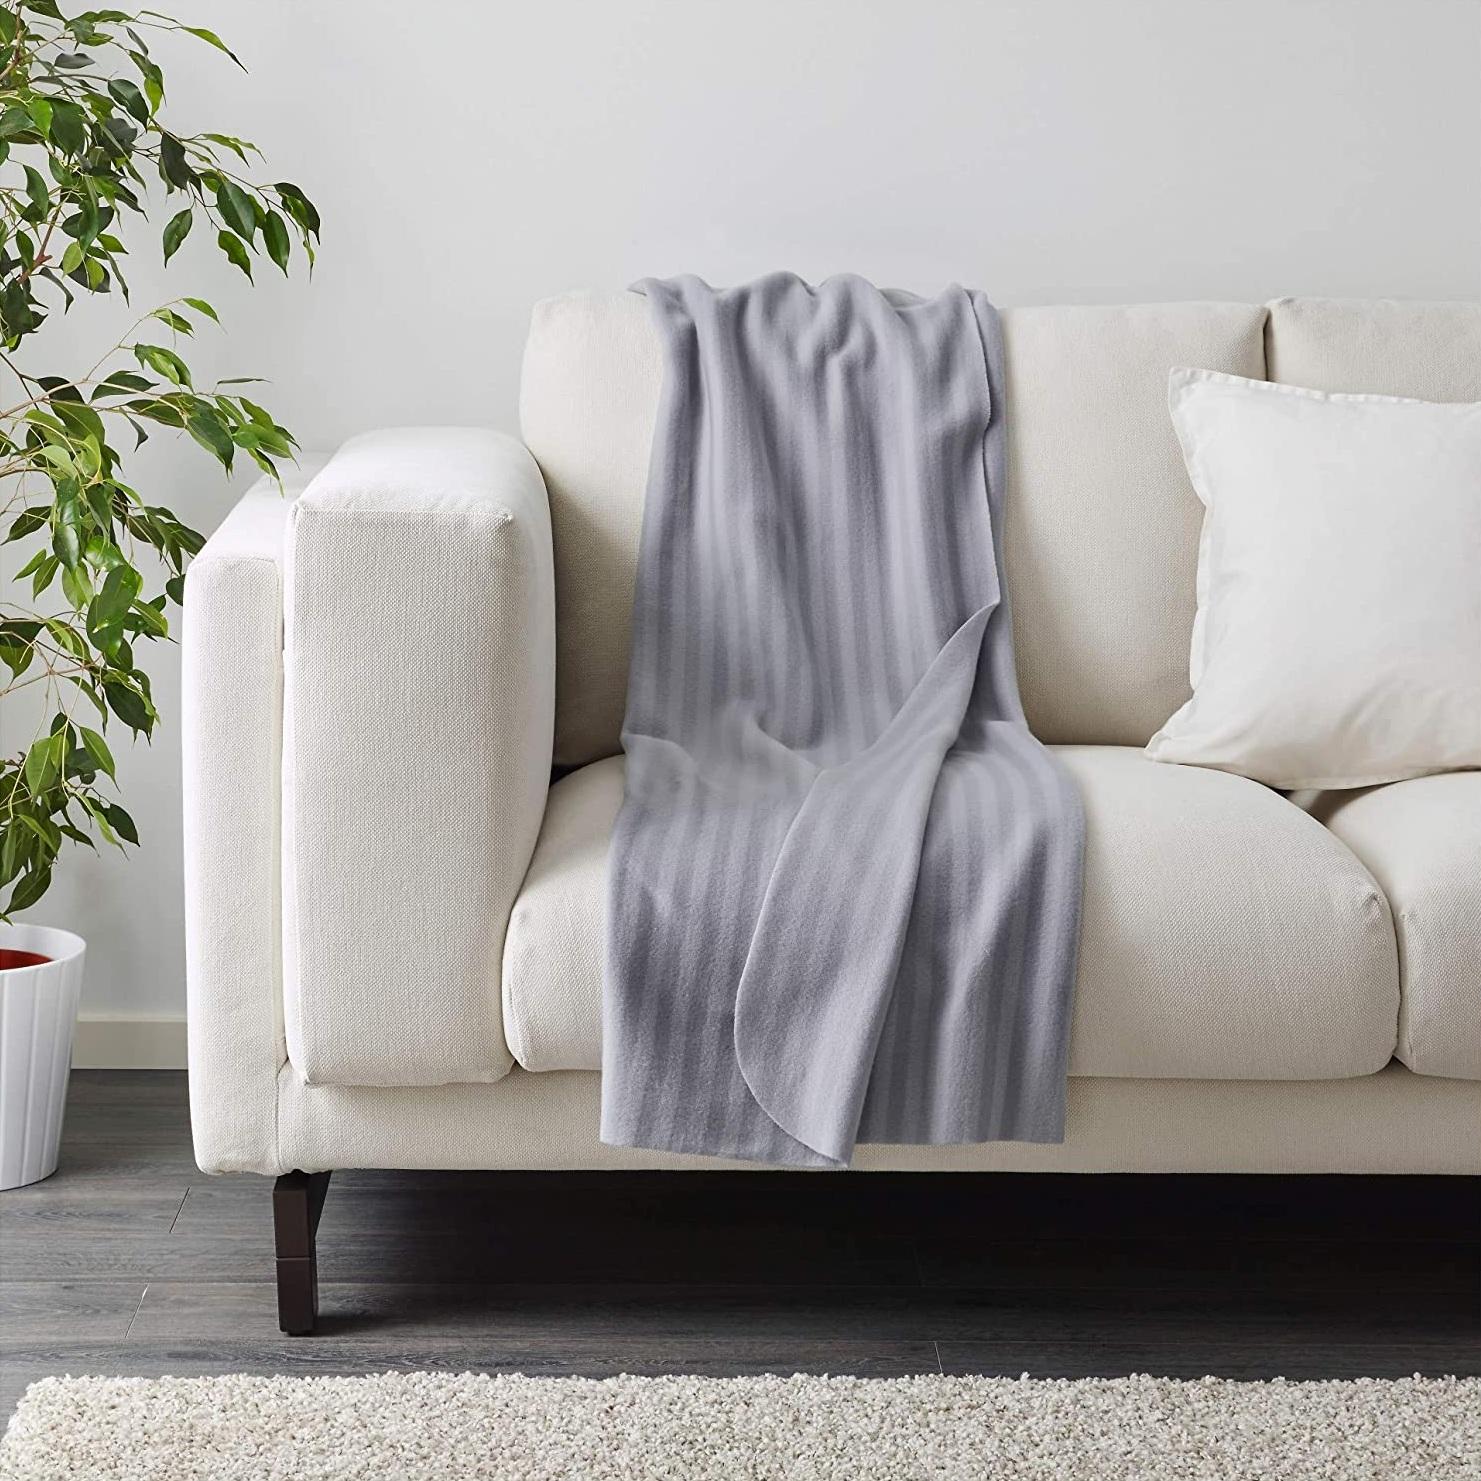 Sắm chăn sofa vừa xinh vừa ấm giá chỉ từ 98k - Ảnh 1.